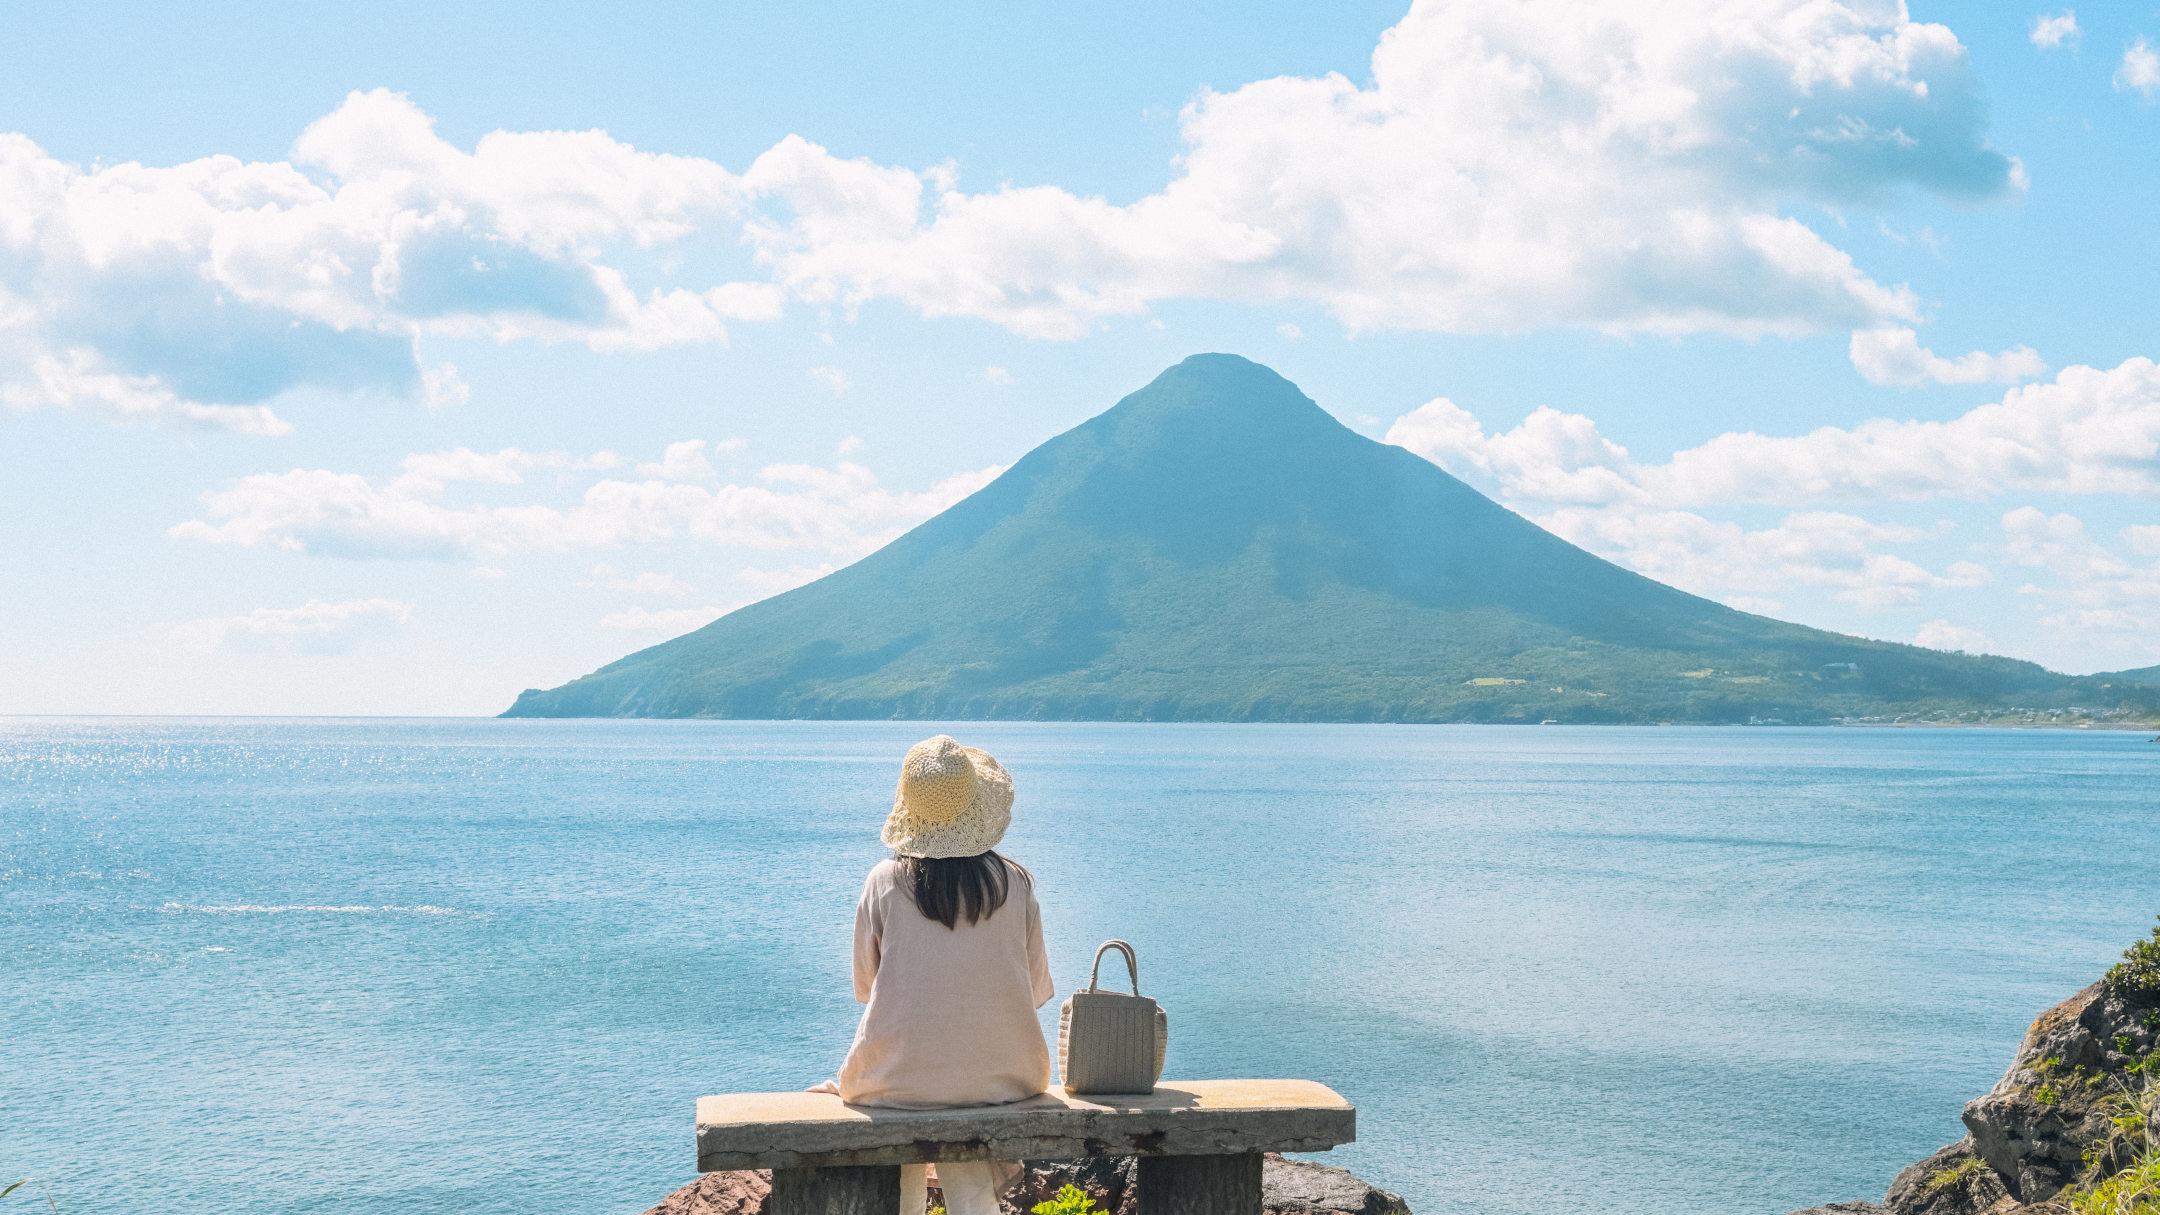 【鹿児島】Z fcをおともに、南国気分を味わえる指宿でパワースポットを巡る旅